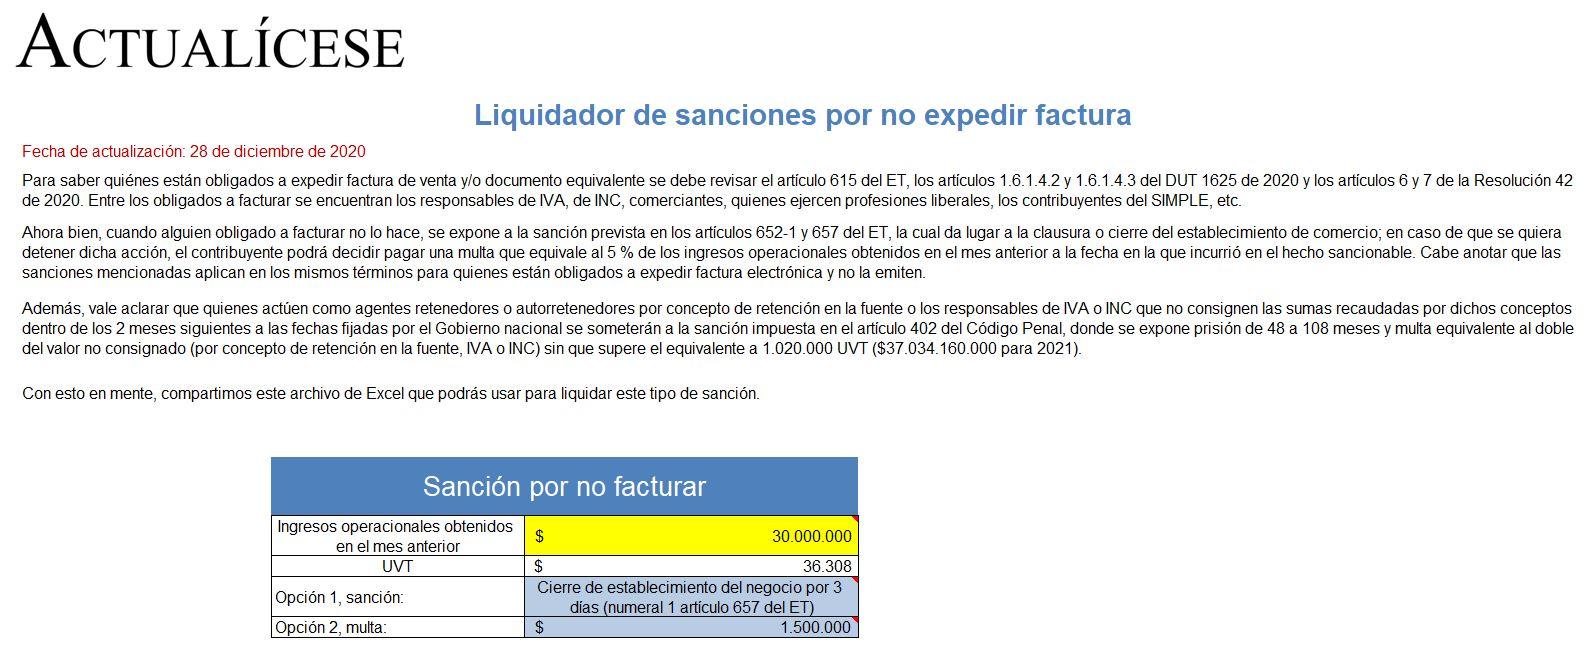 Liquidador de sanciones por no expedir factura